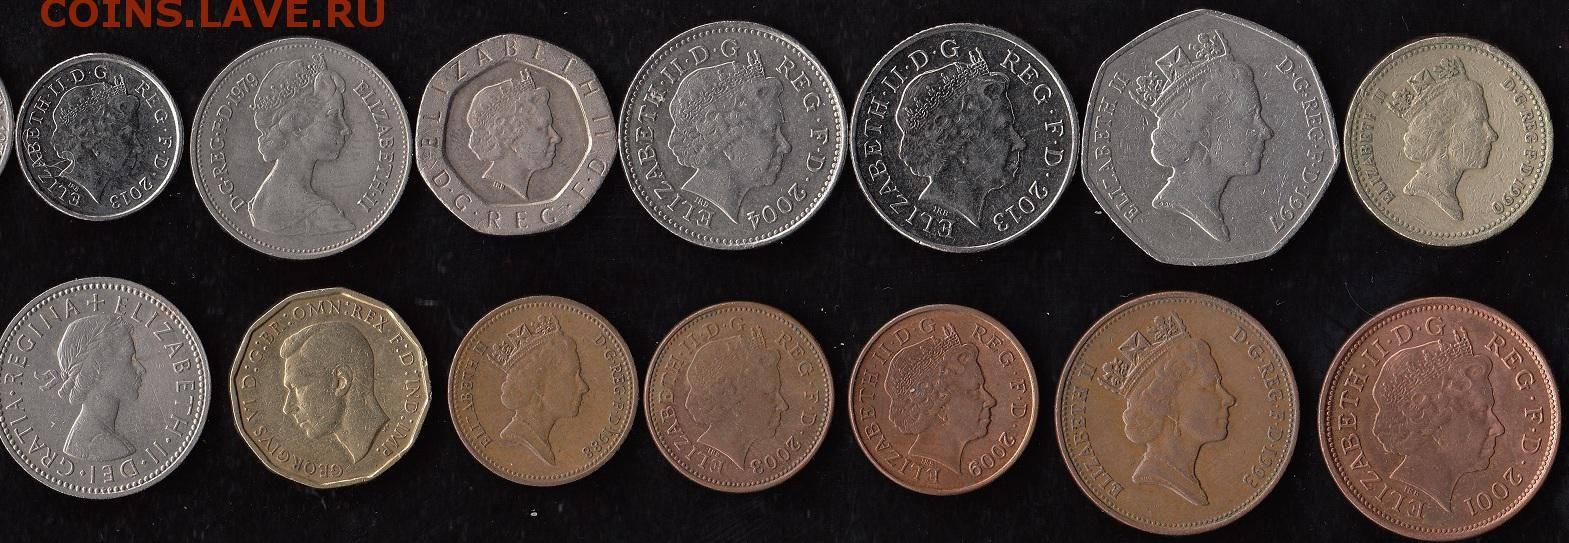 Валюта великобритании: история денежной единицы, её внешний вид :: syl.ru